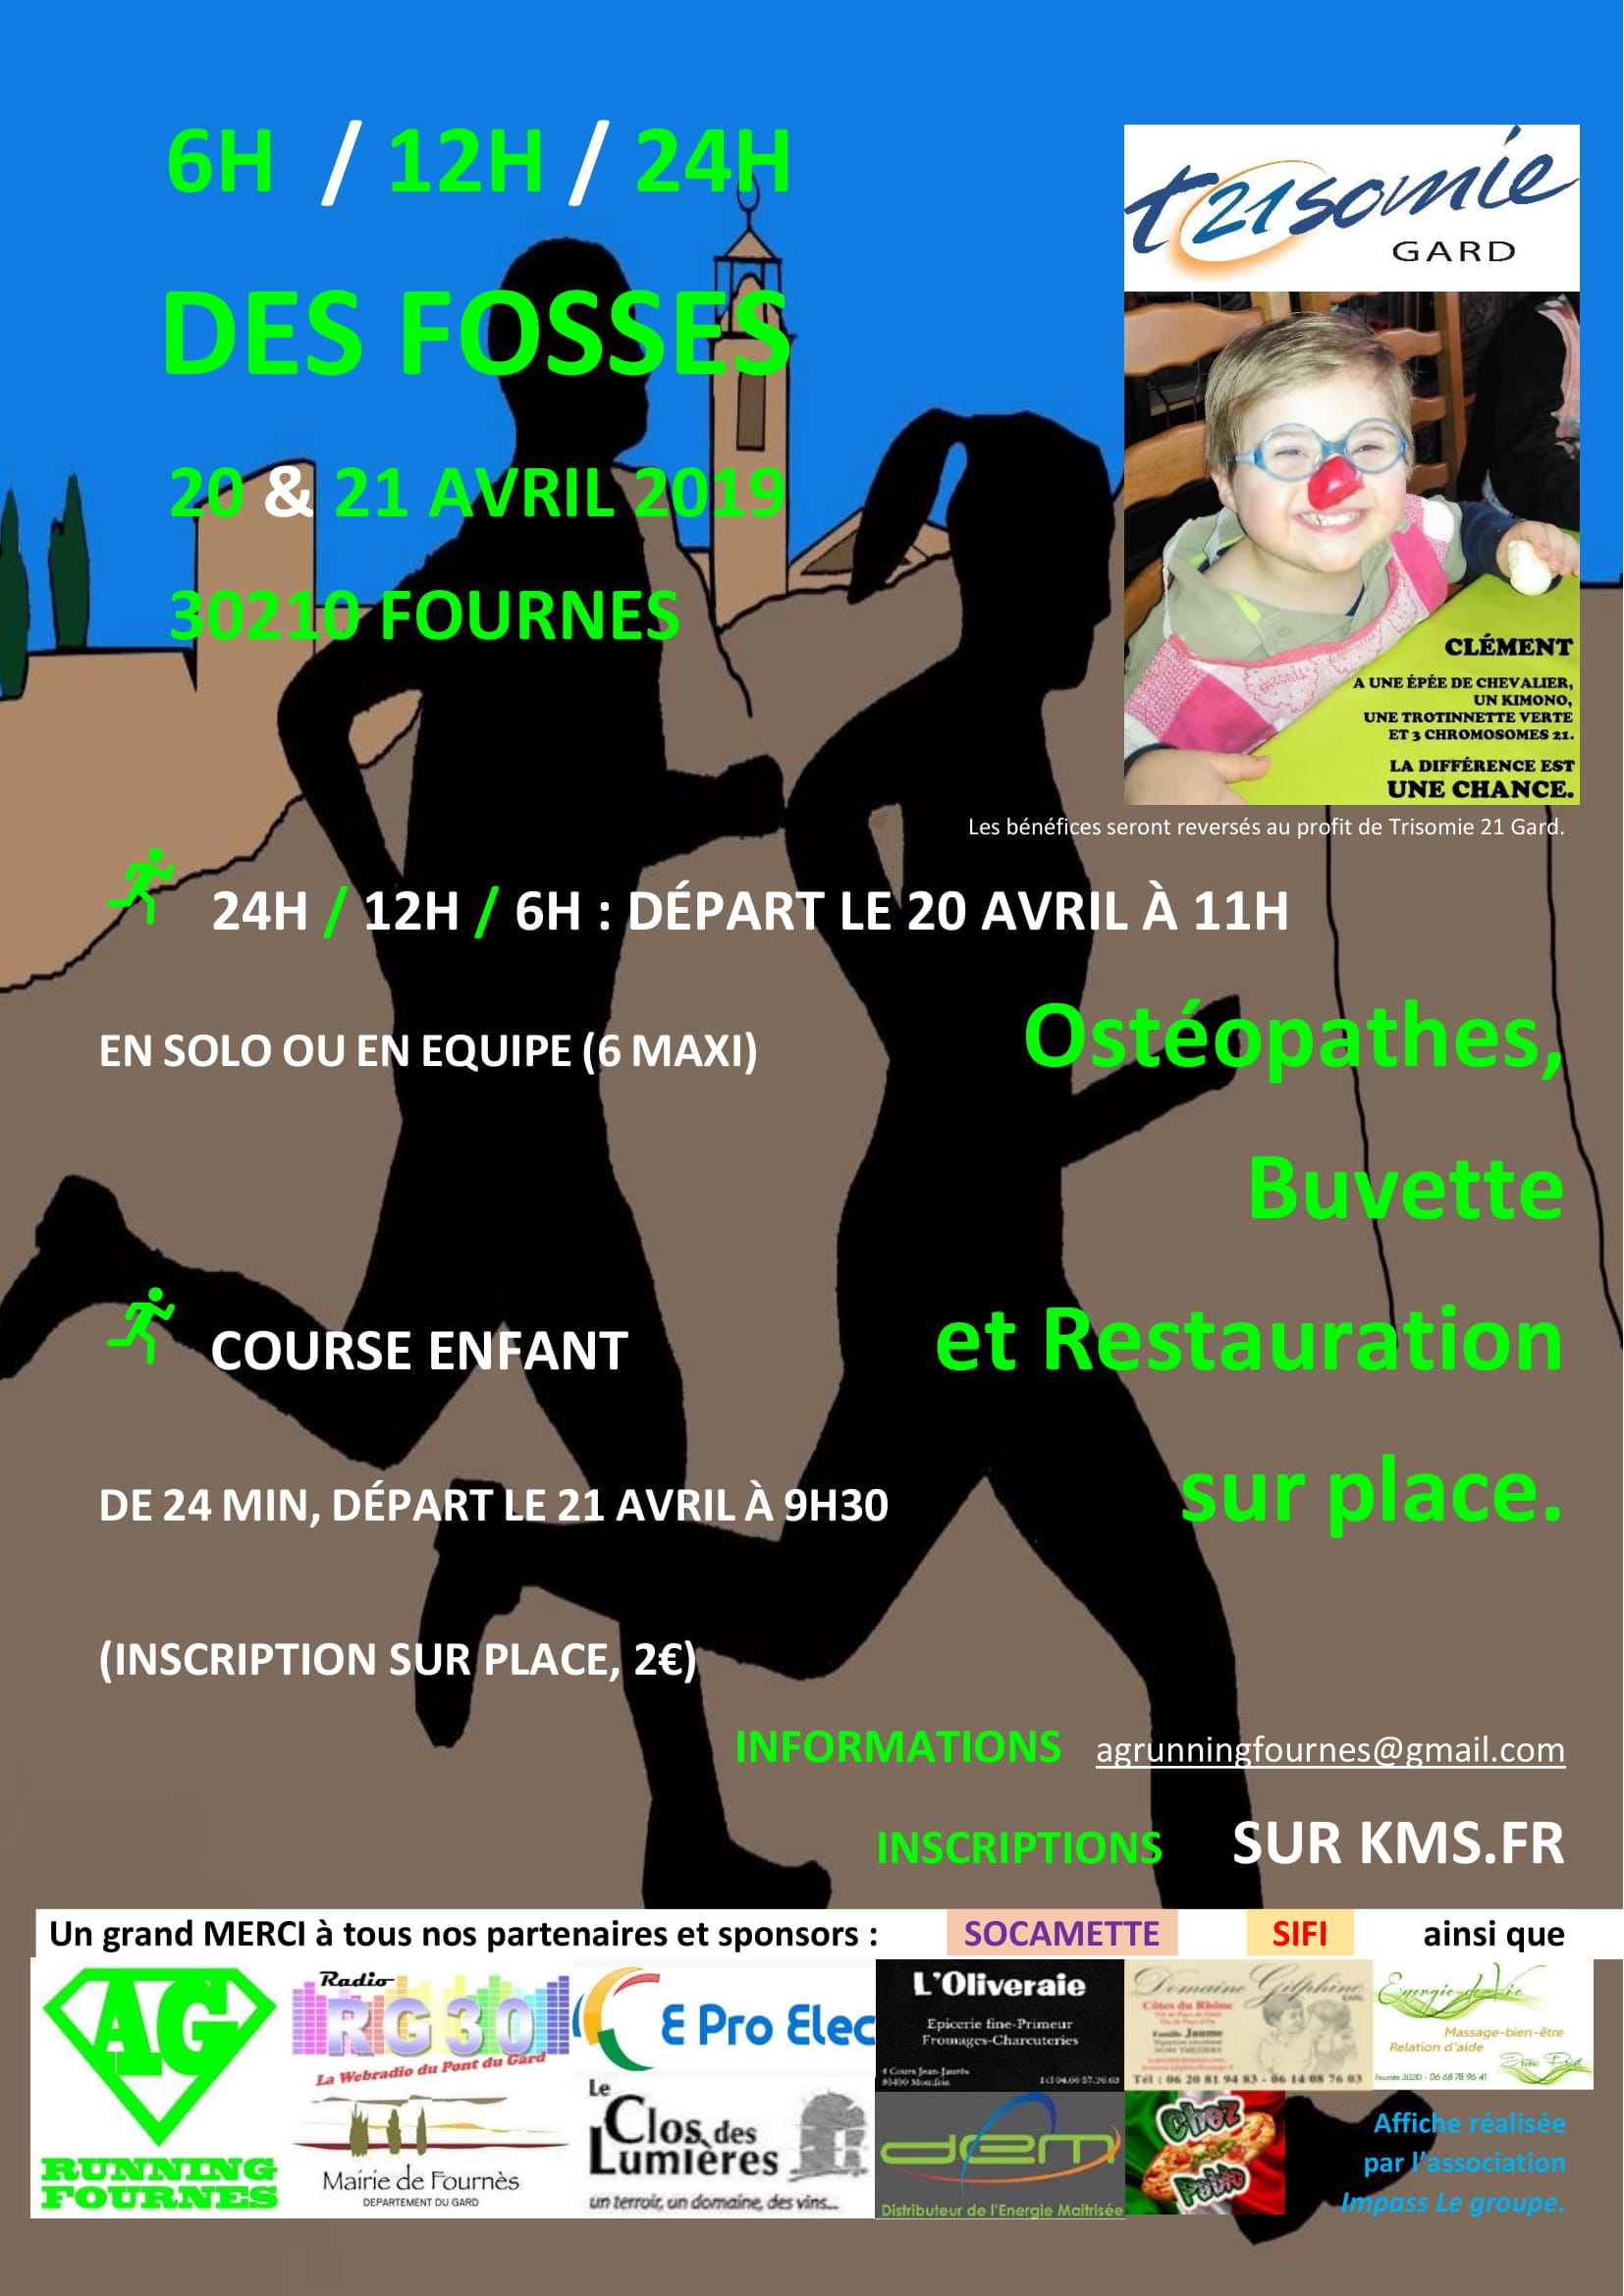 6Hr des Fosses - Equipe (6 maxi)